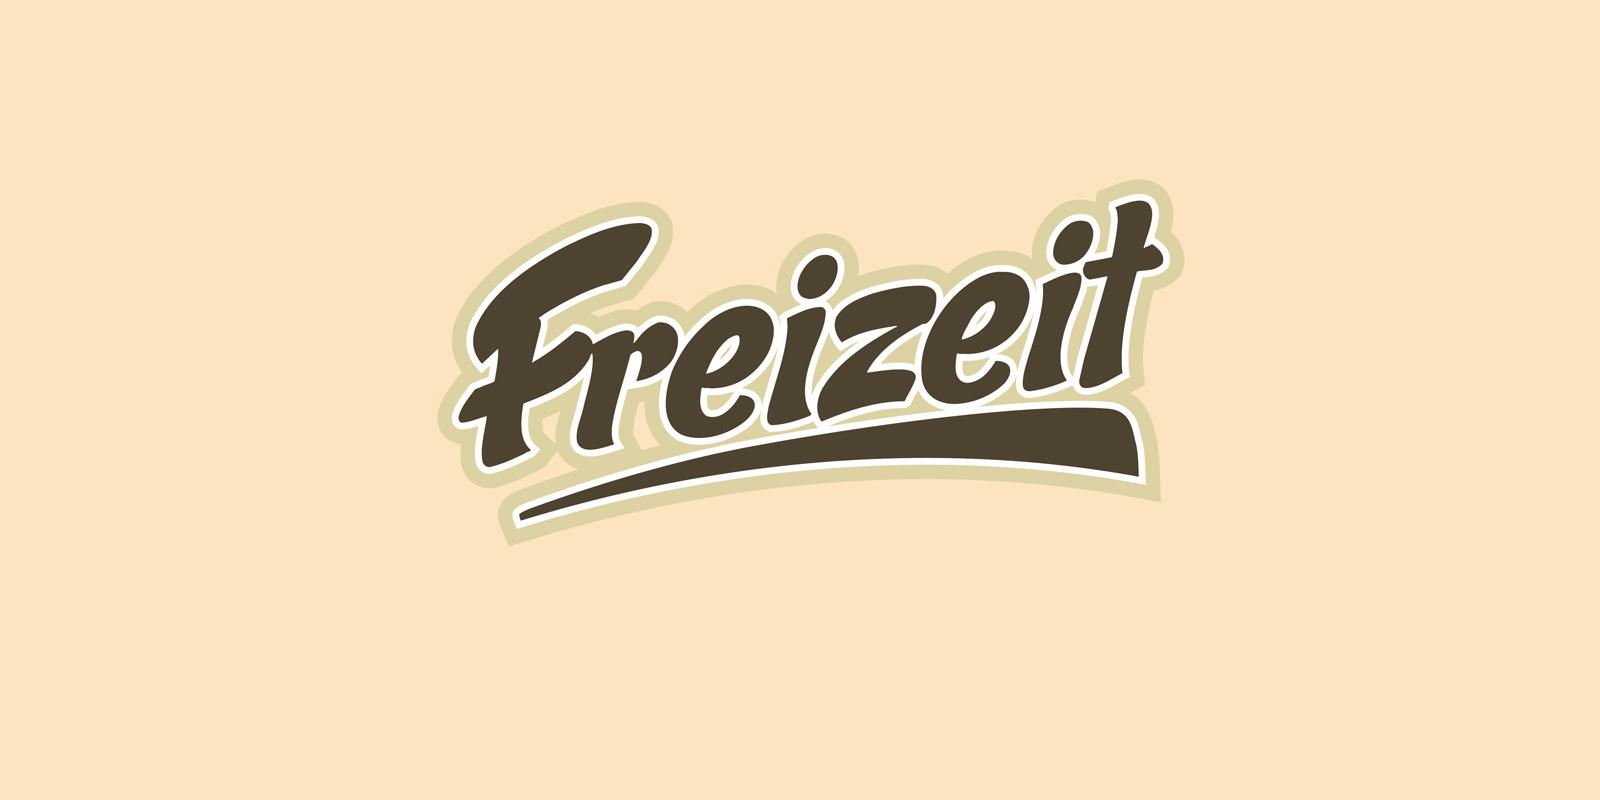 TM Freizeit;;;;;;Разработка логотипа;;;;;;<span>Клиент:</span> TM Freizeit;;;;;;;;;;;;Разработка логотипа;;;;;;1